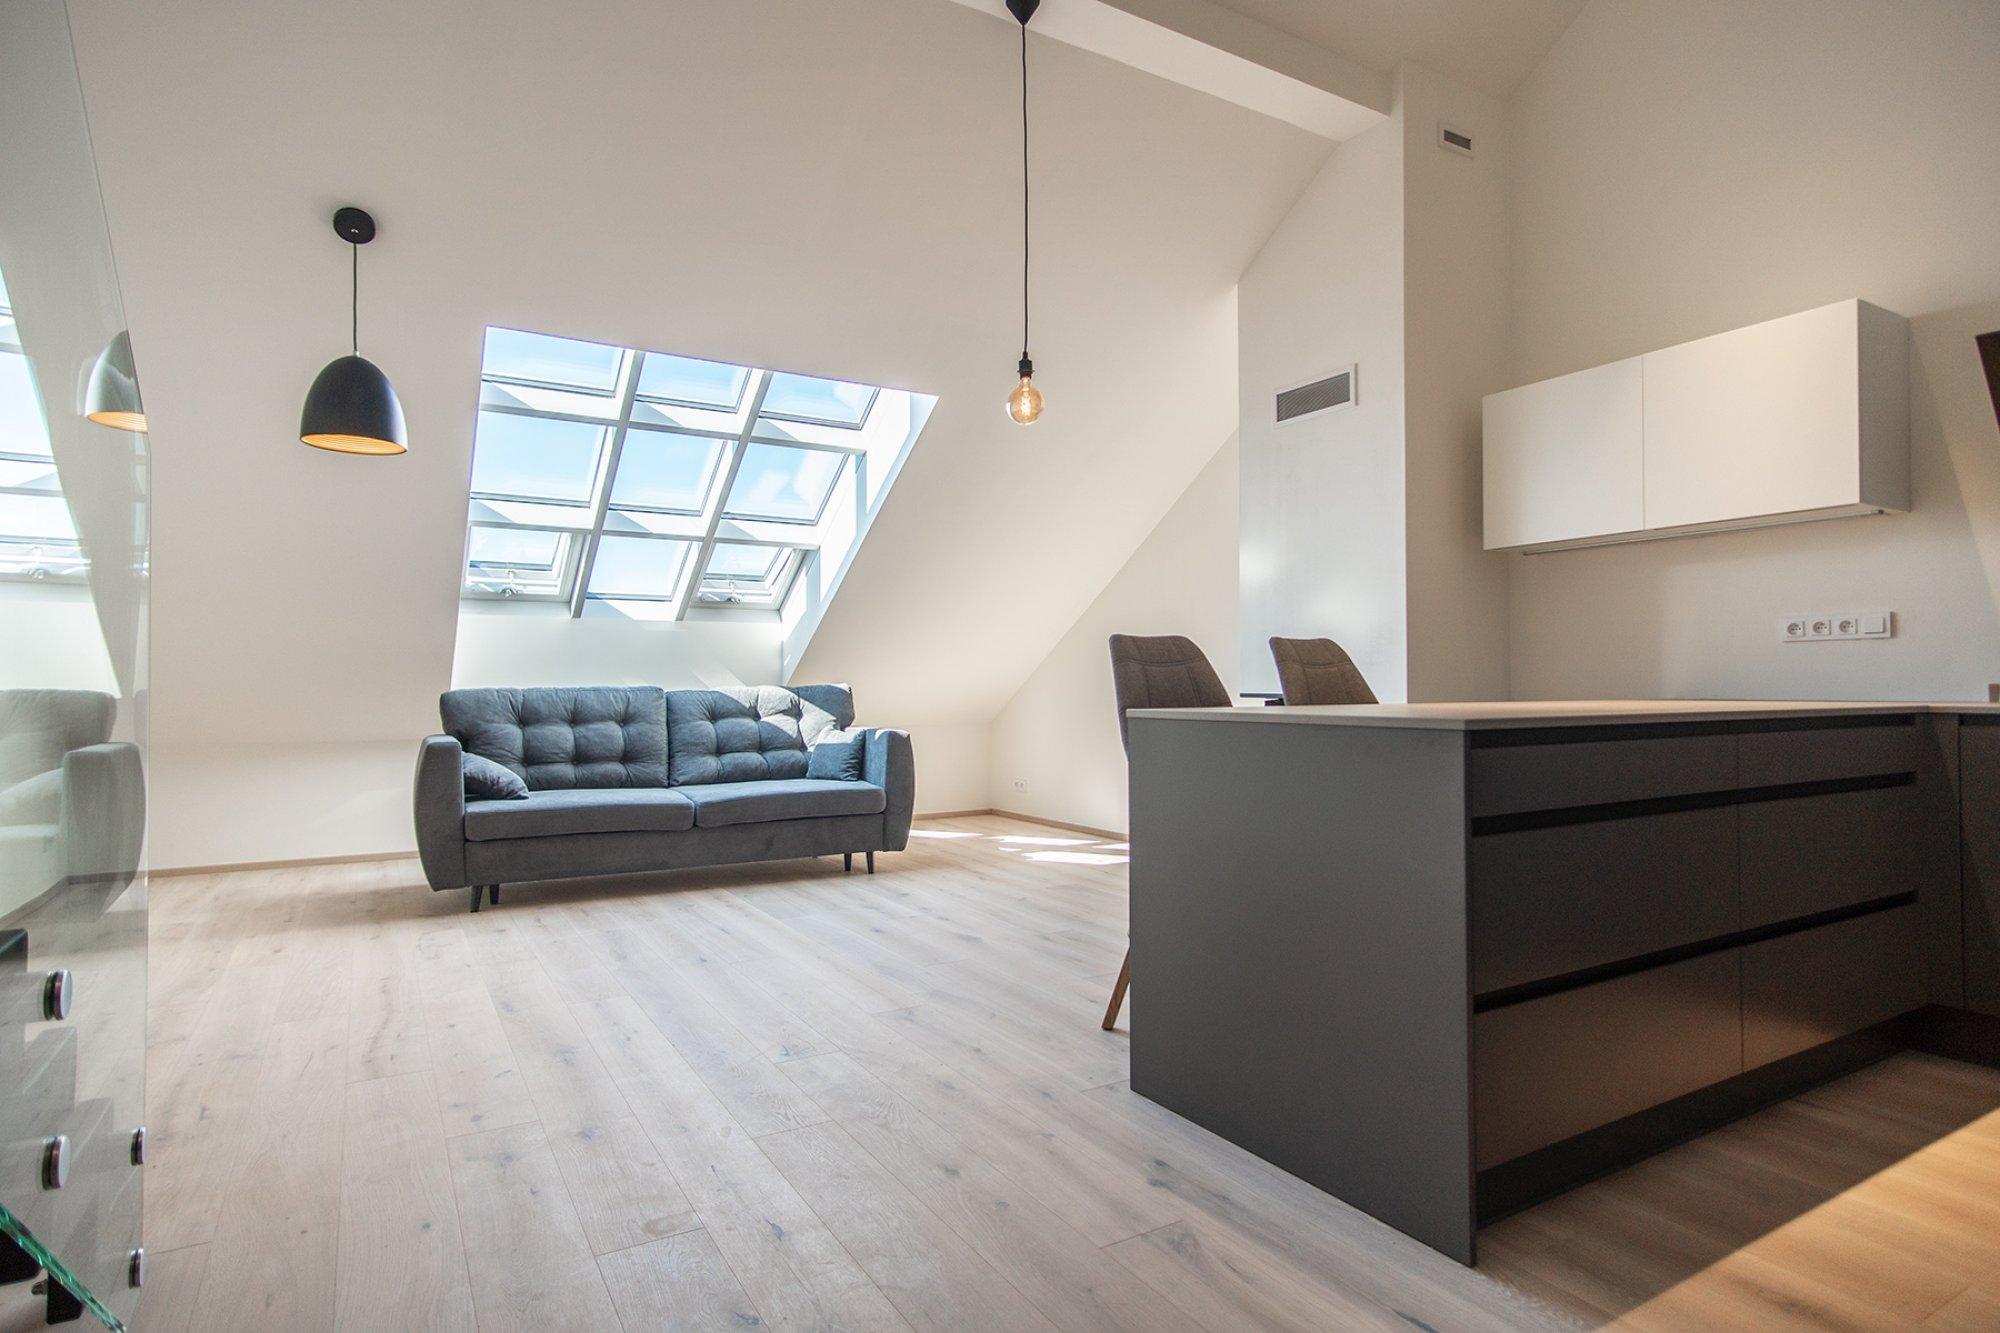 Půdní byt 4+kk, plocha 139 m², ulice Pernerova, Praha 8 - Karlín | 3